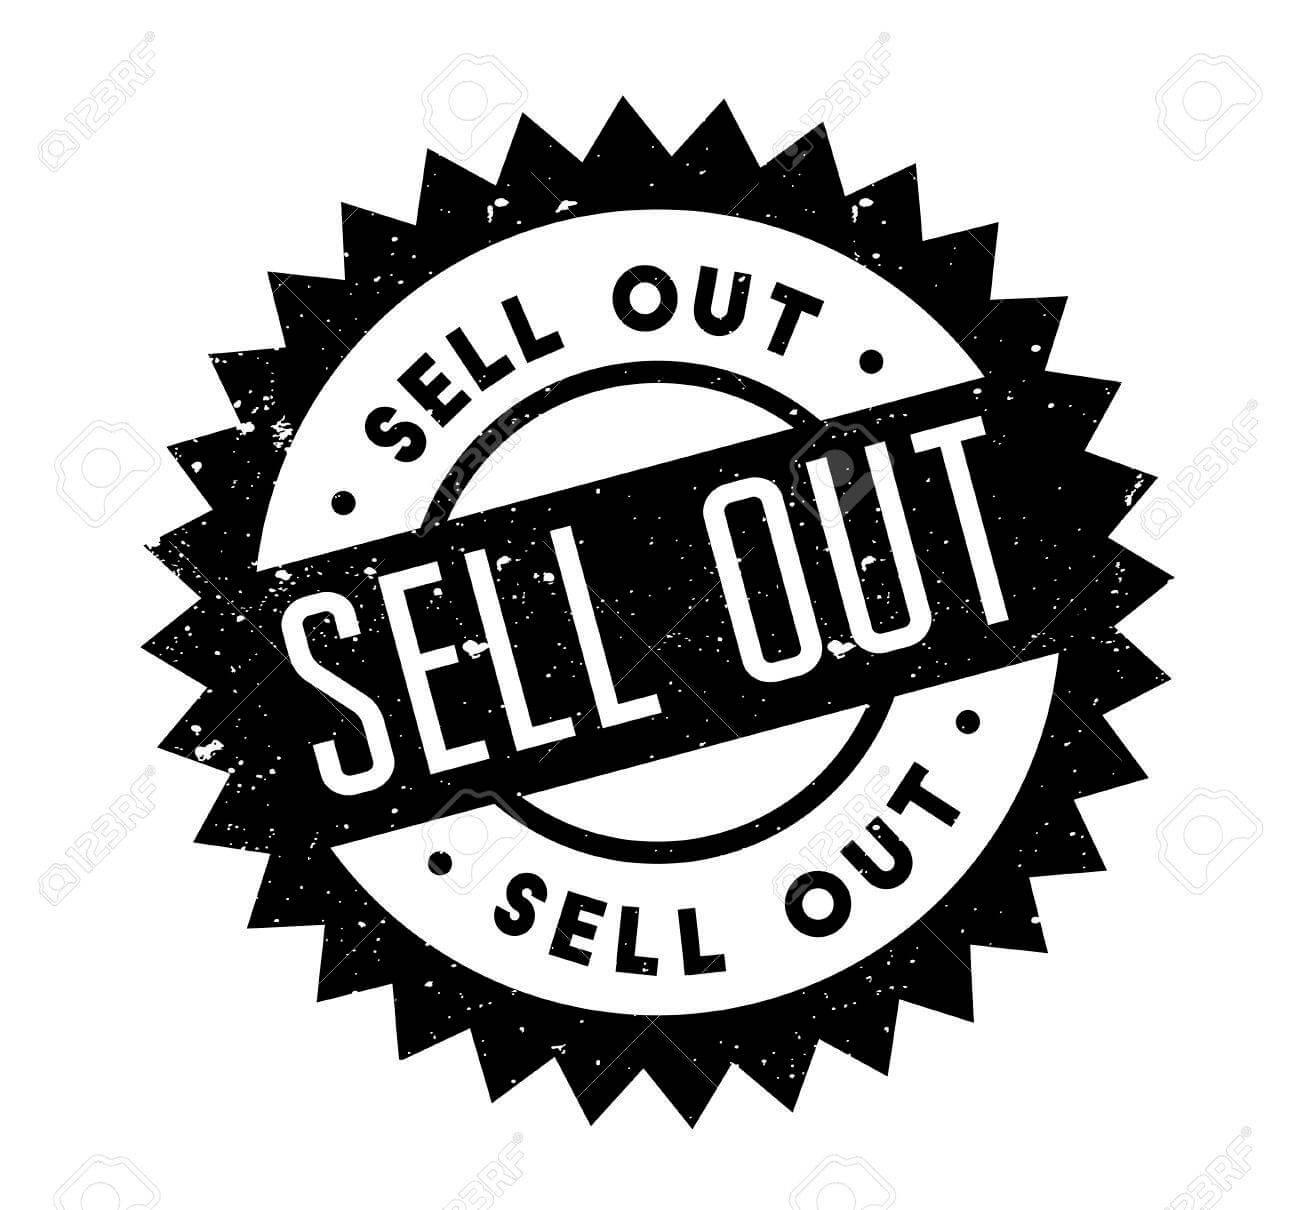 Sell Out là gì